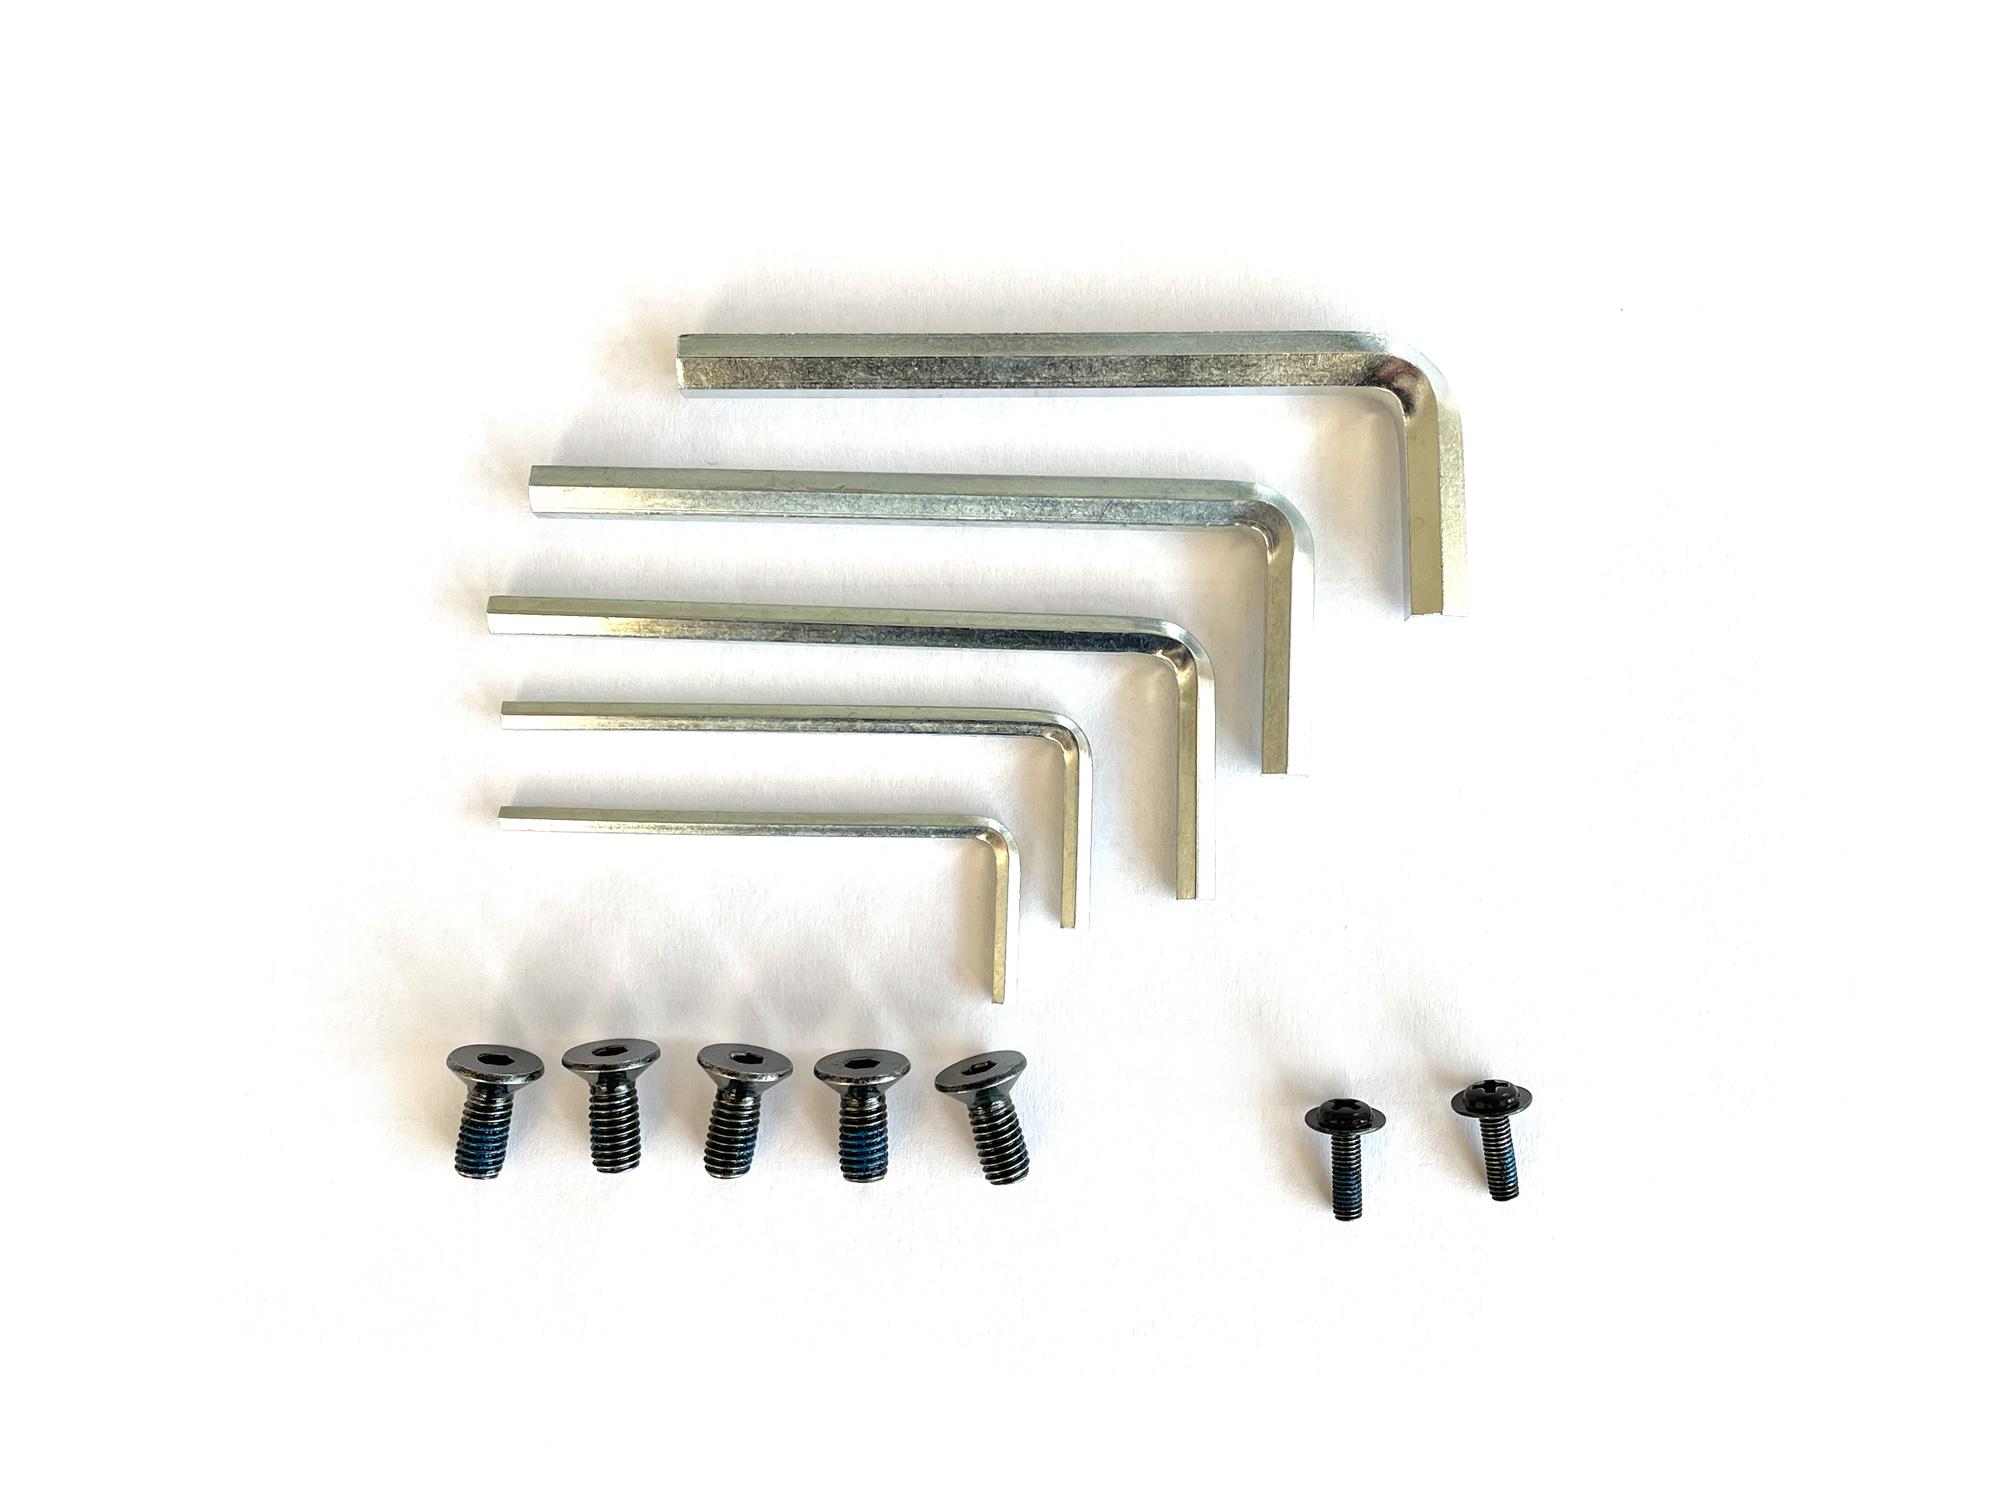 Werkzeugset inkl. Basisschrauben